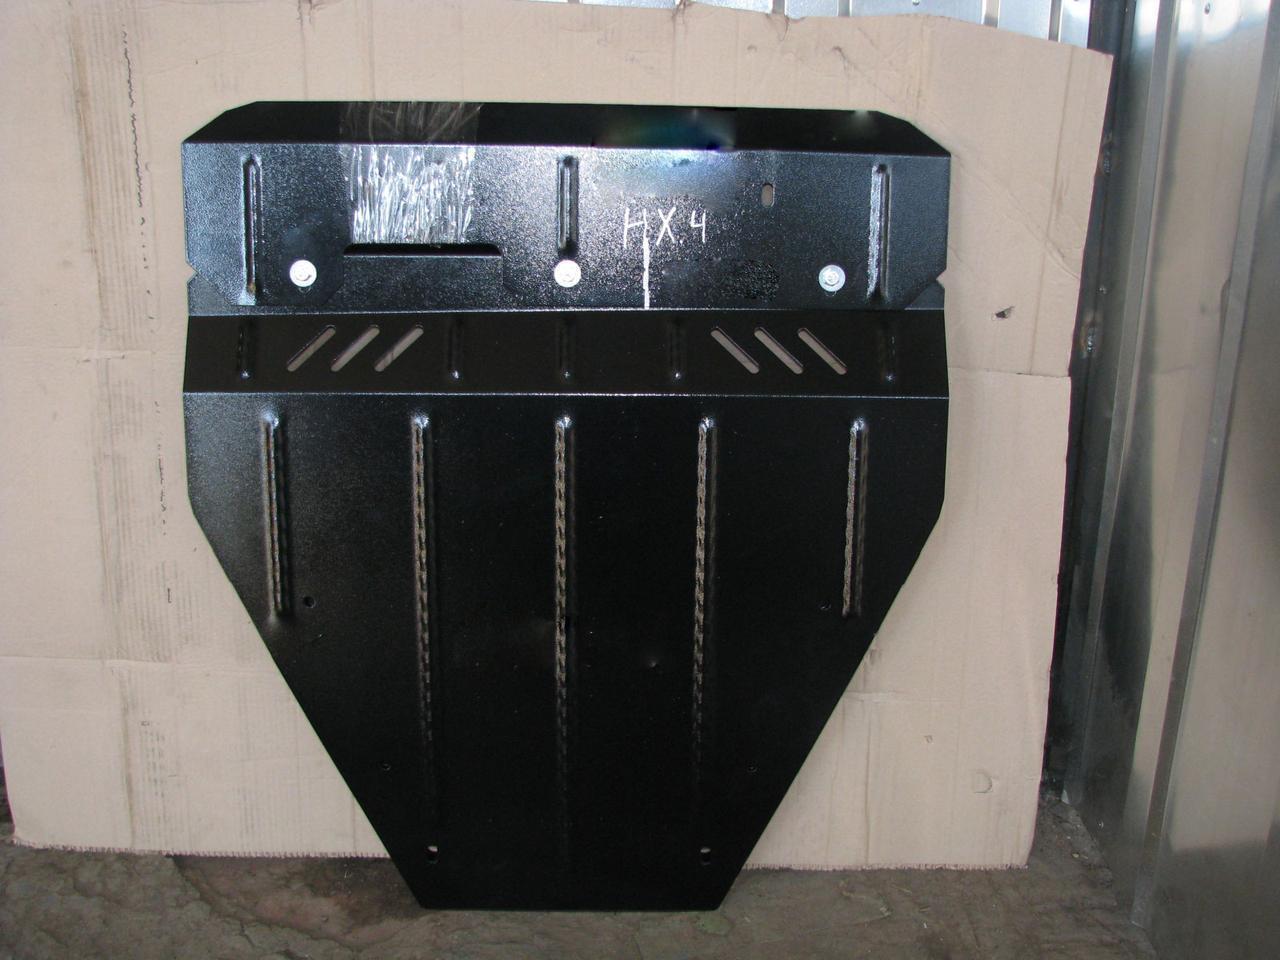 Захист двигуна NISSAN X-TRAIL T31 2007-2014 АКПП 2.0, 2.5, 2.0D (двигун+КПП)